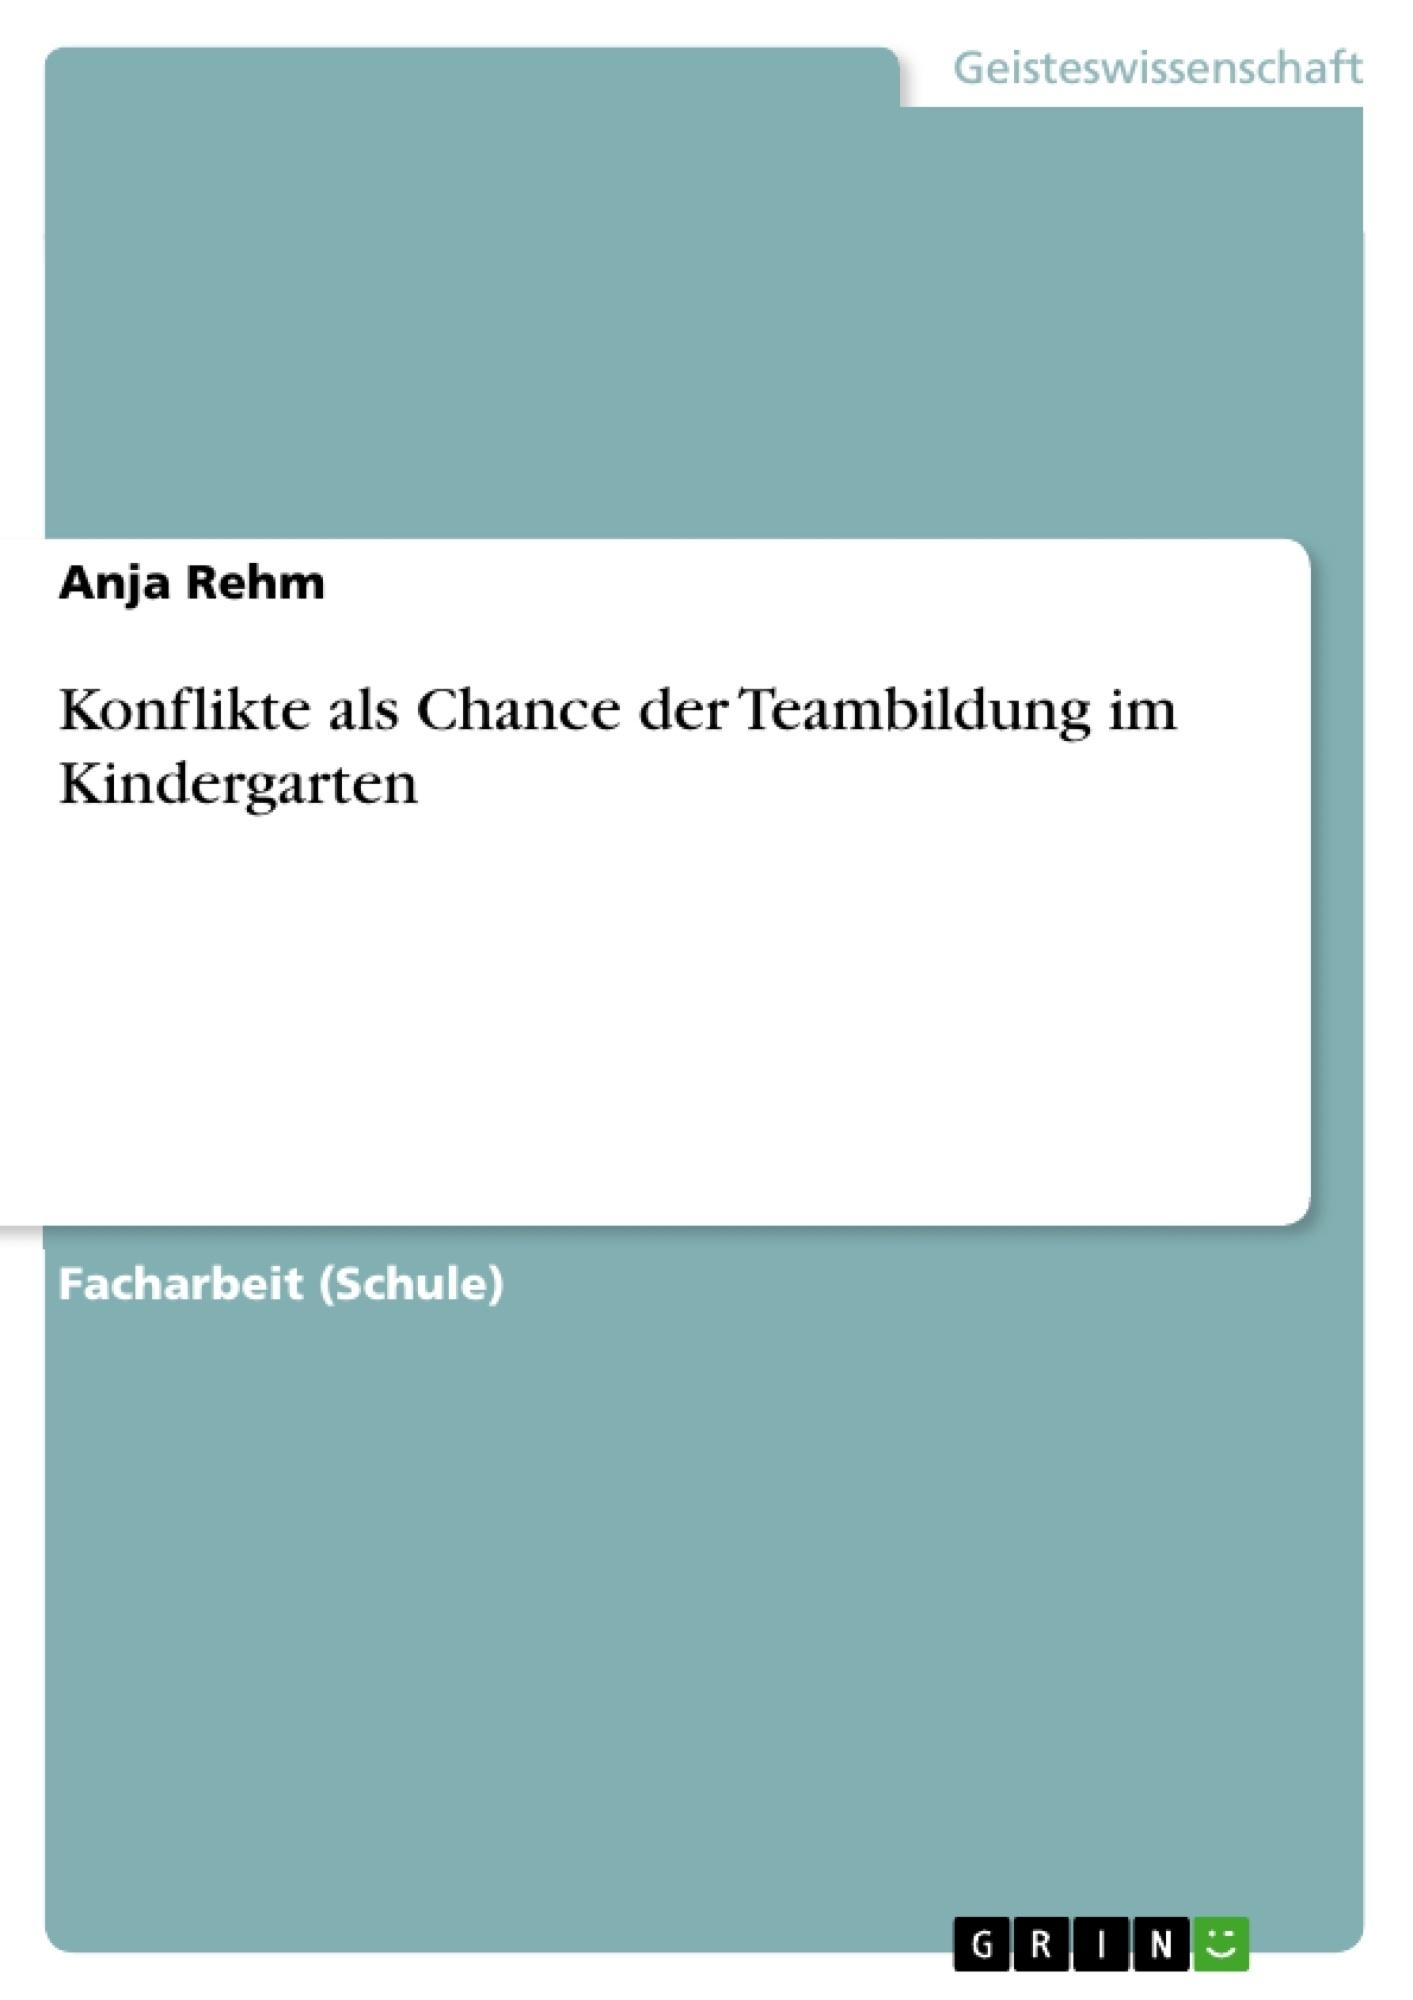 Titel: Konflikte als Chance der Teambildung im Kindergarten